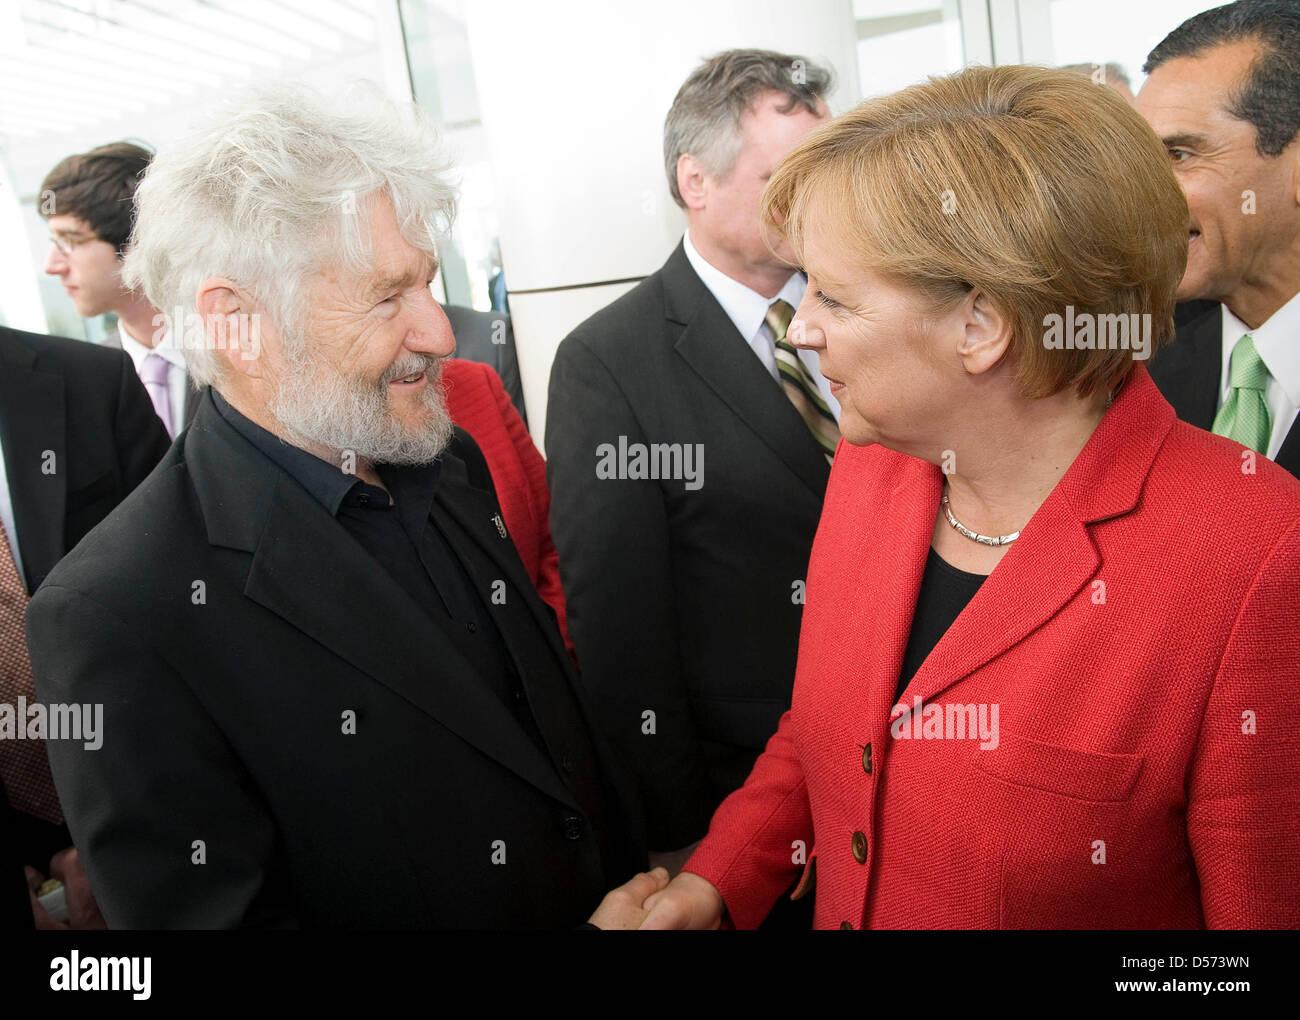 Bundeskanzlerin Angela Merkel und Opern-Regisseur Achim Freyer am 14.04.2010 bei einem Empfang auf dem Getty Center. Foto: Bundespresseamt/ Guido Bergmann Stock Photo